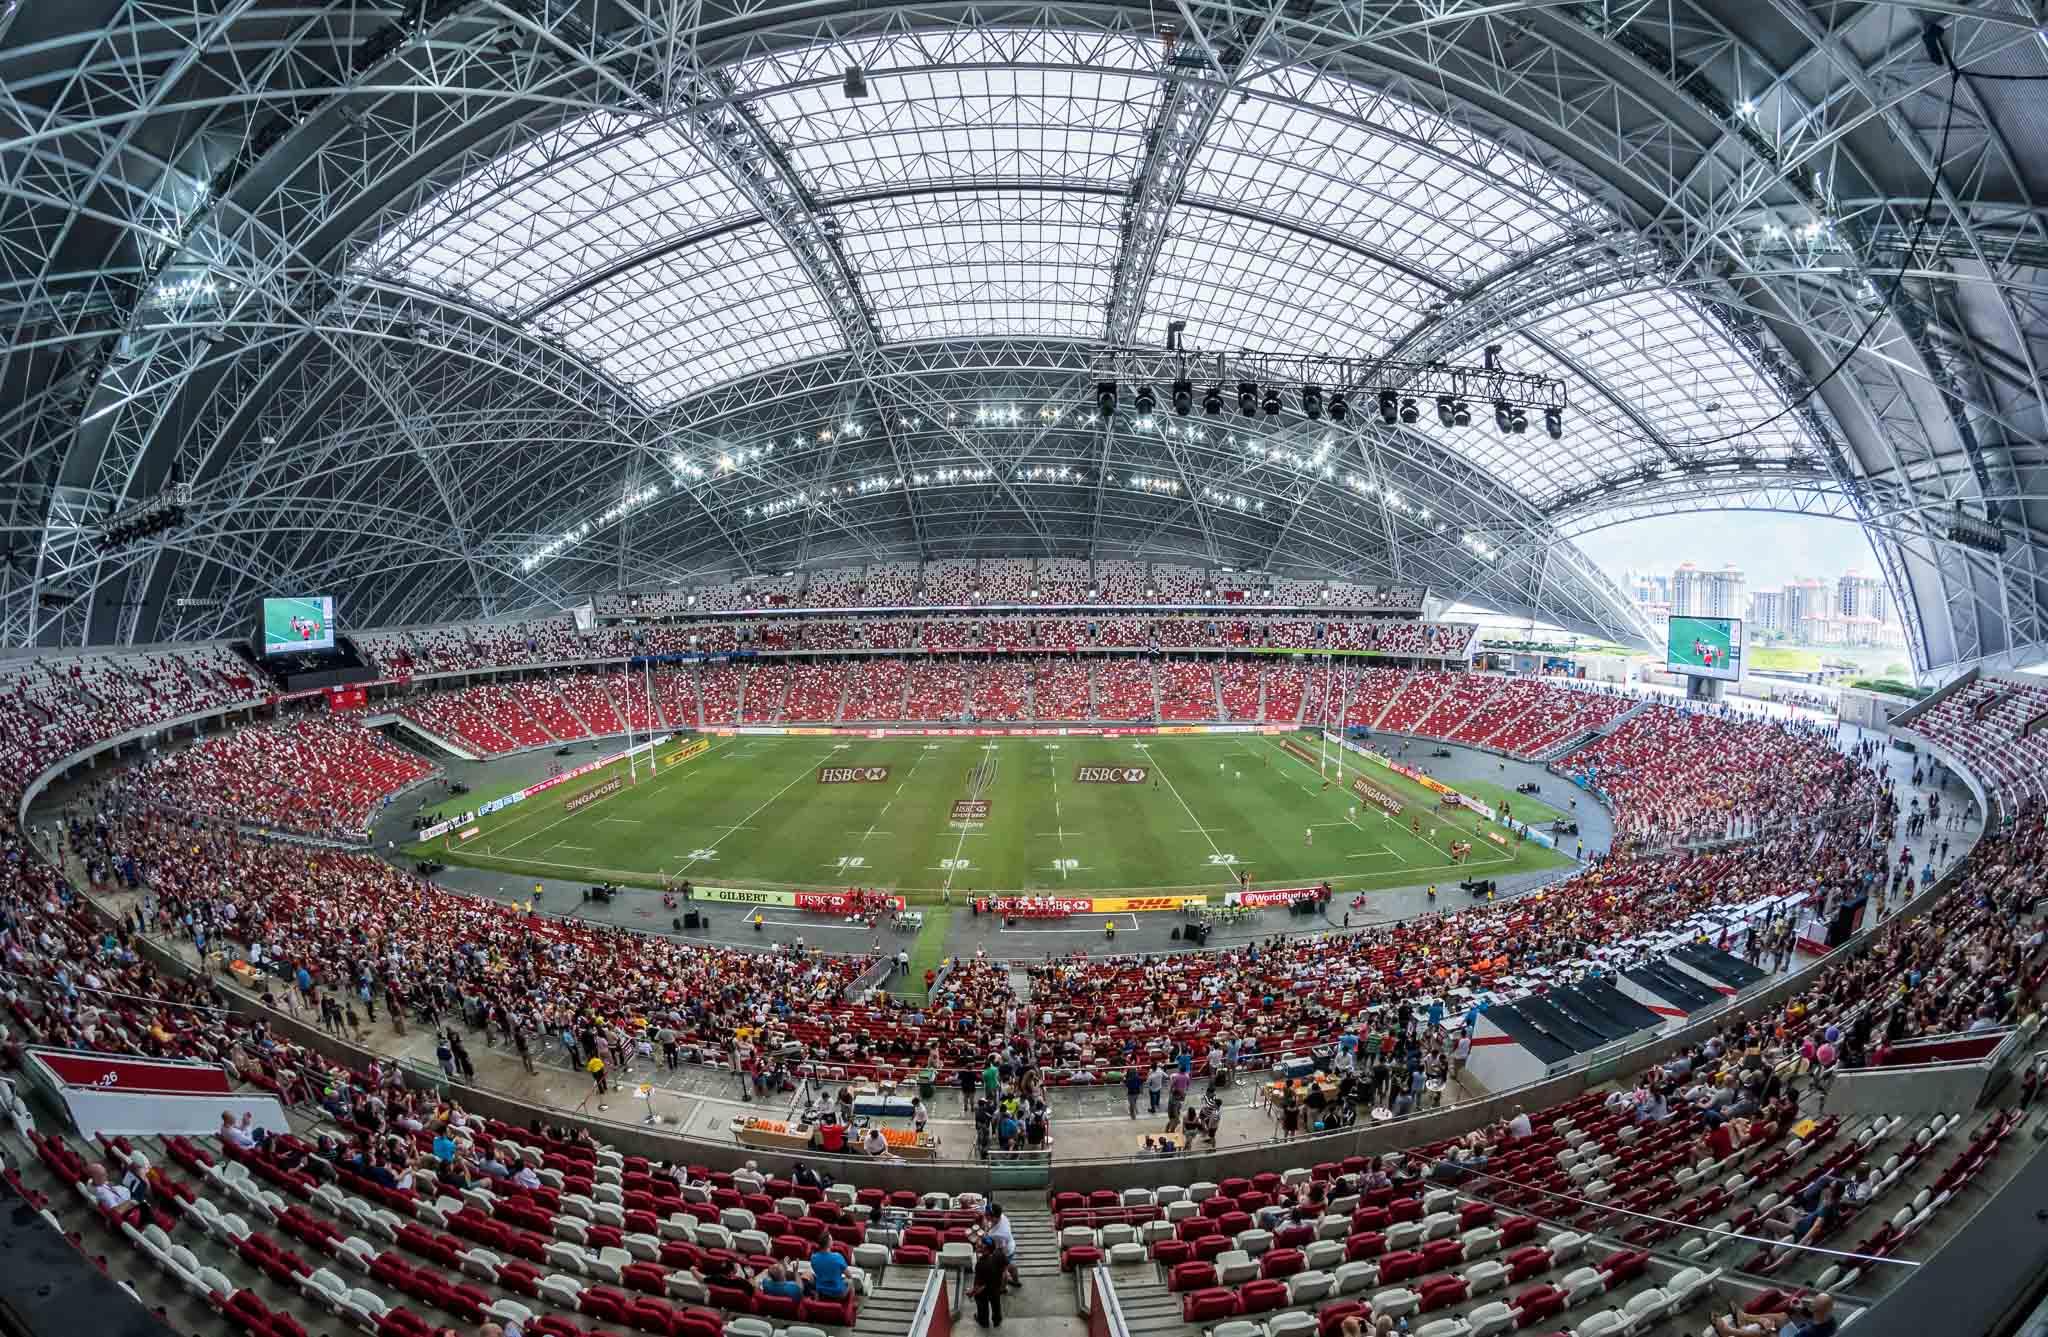 Sân vận động quốc gia Singapore, nơi sẽ tổ chức các trận đấu của bảng A và các lượt trận bán kết, chung kết AFF Cup 2020.